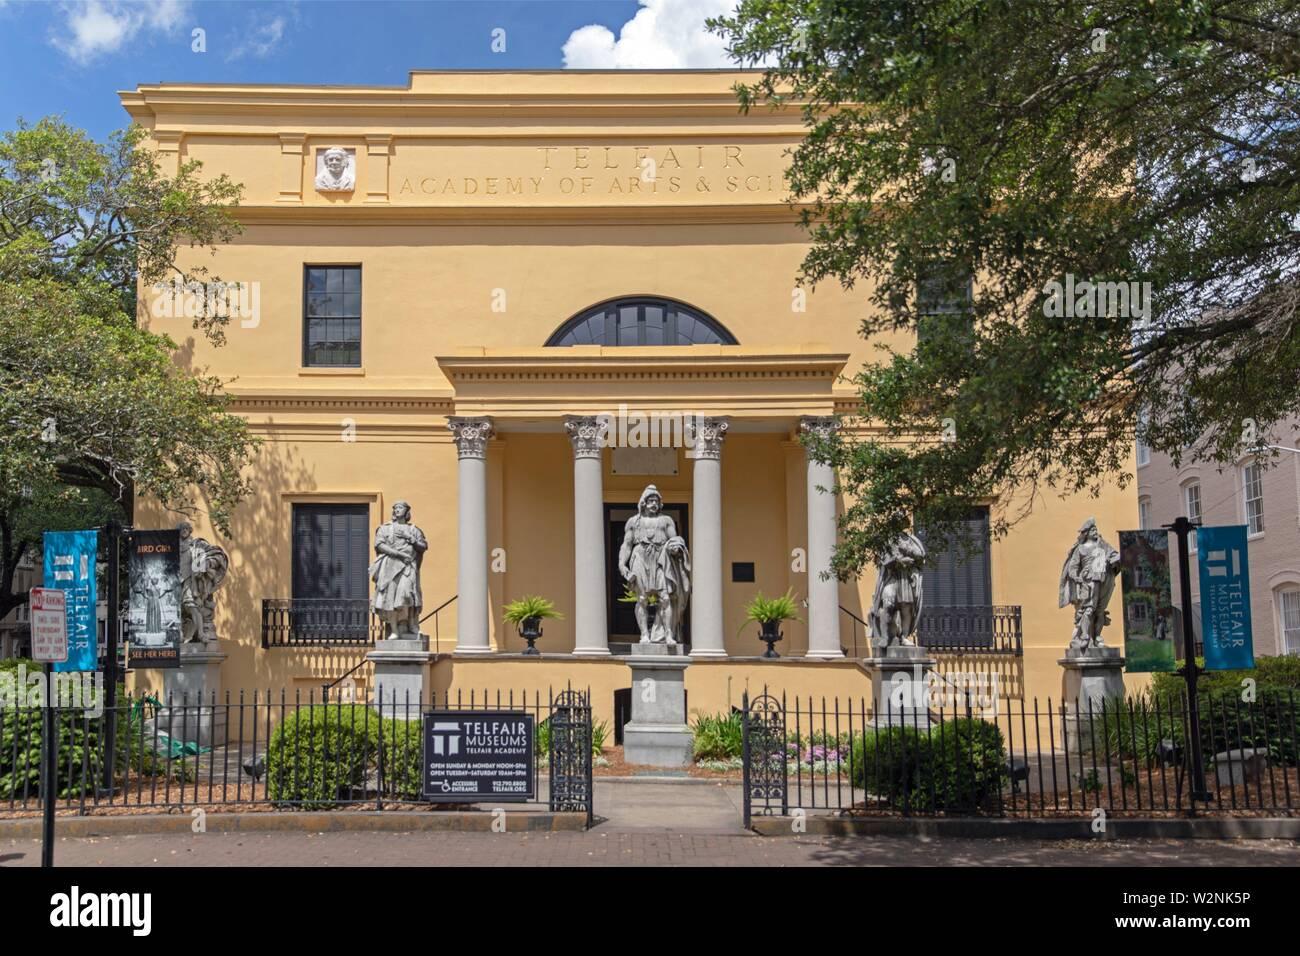 Telfair museum. - Stock Image